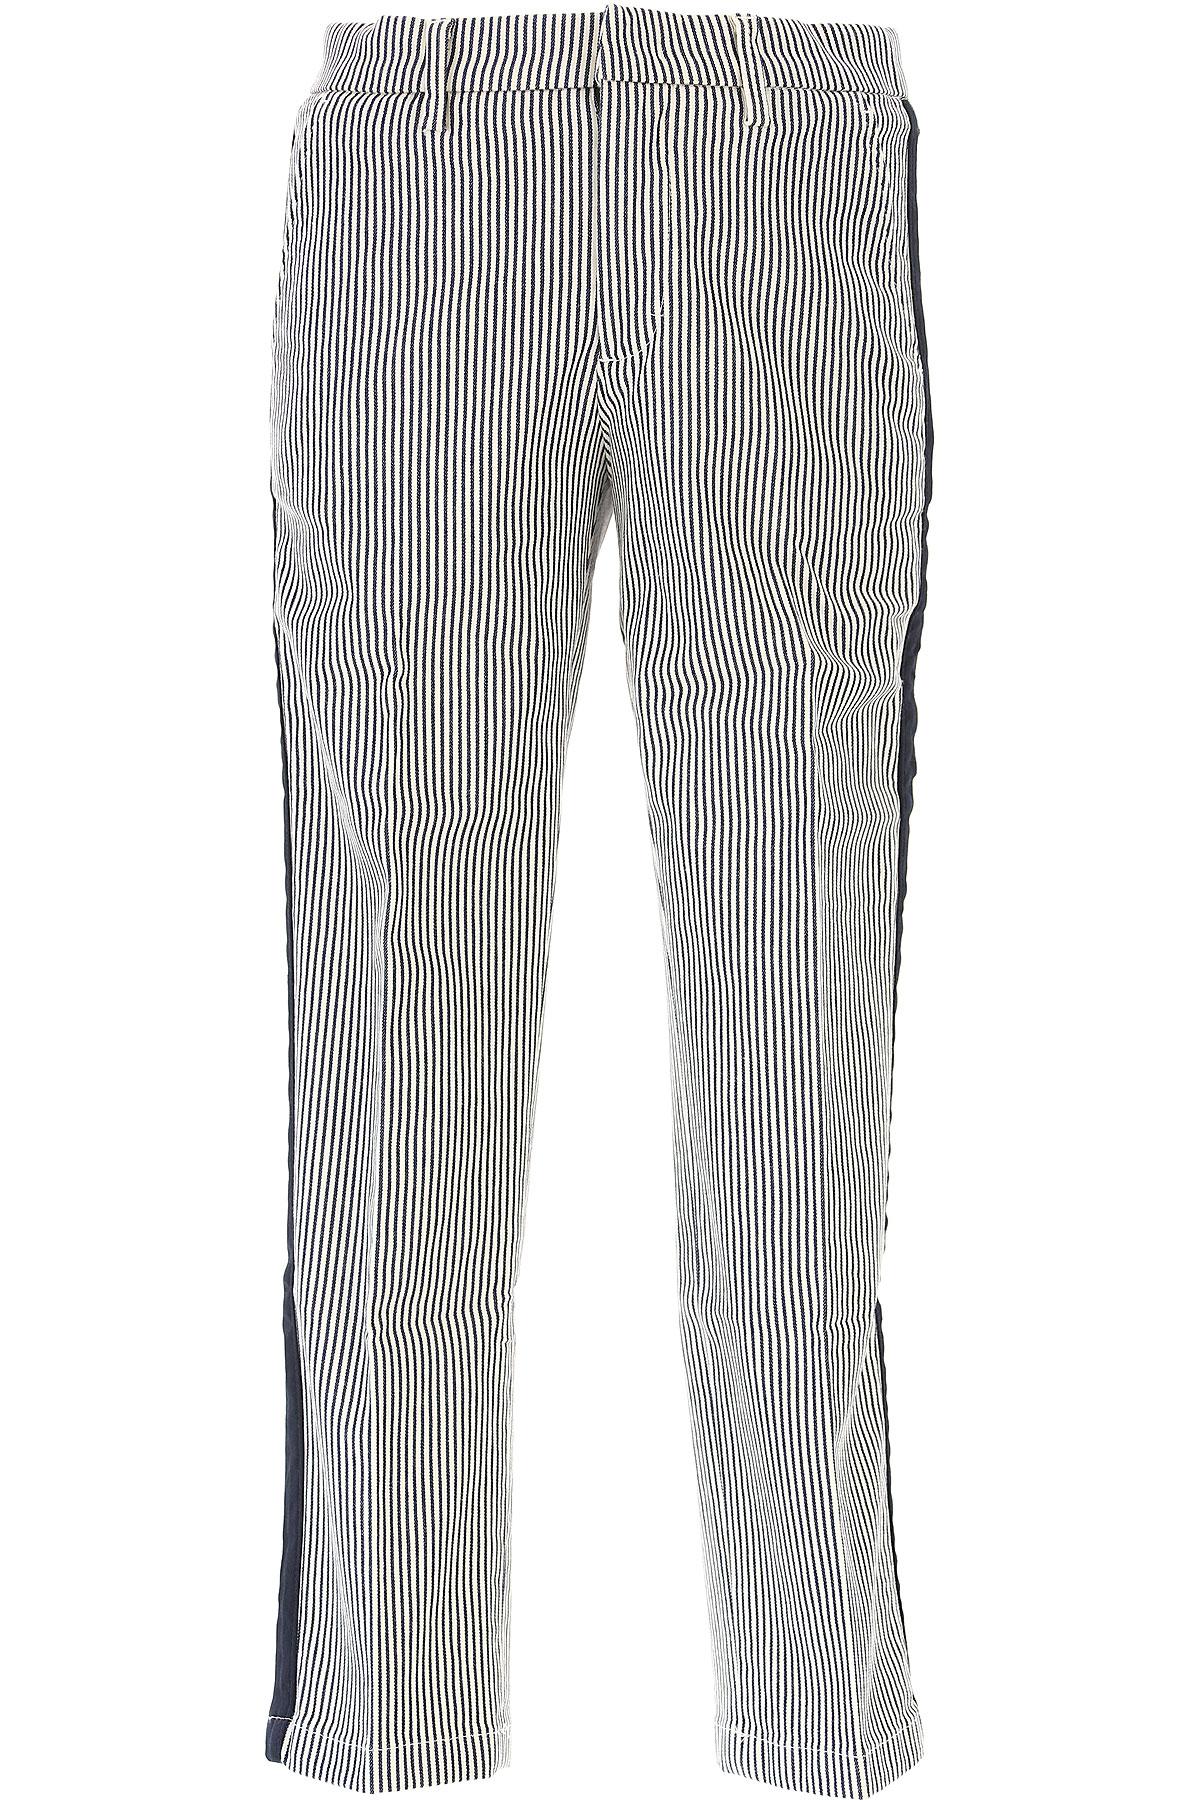 Moncler Pantalons Enfant pour Garçon Pas cher en Soldes Outlet, Bleu, Coton, 2017, 5Y 6Y